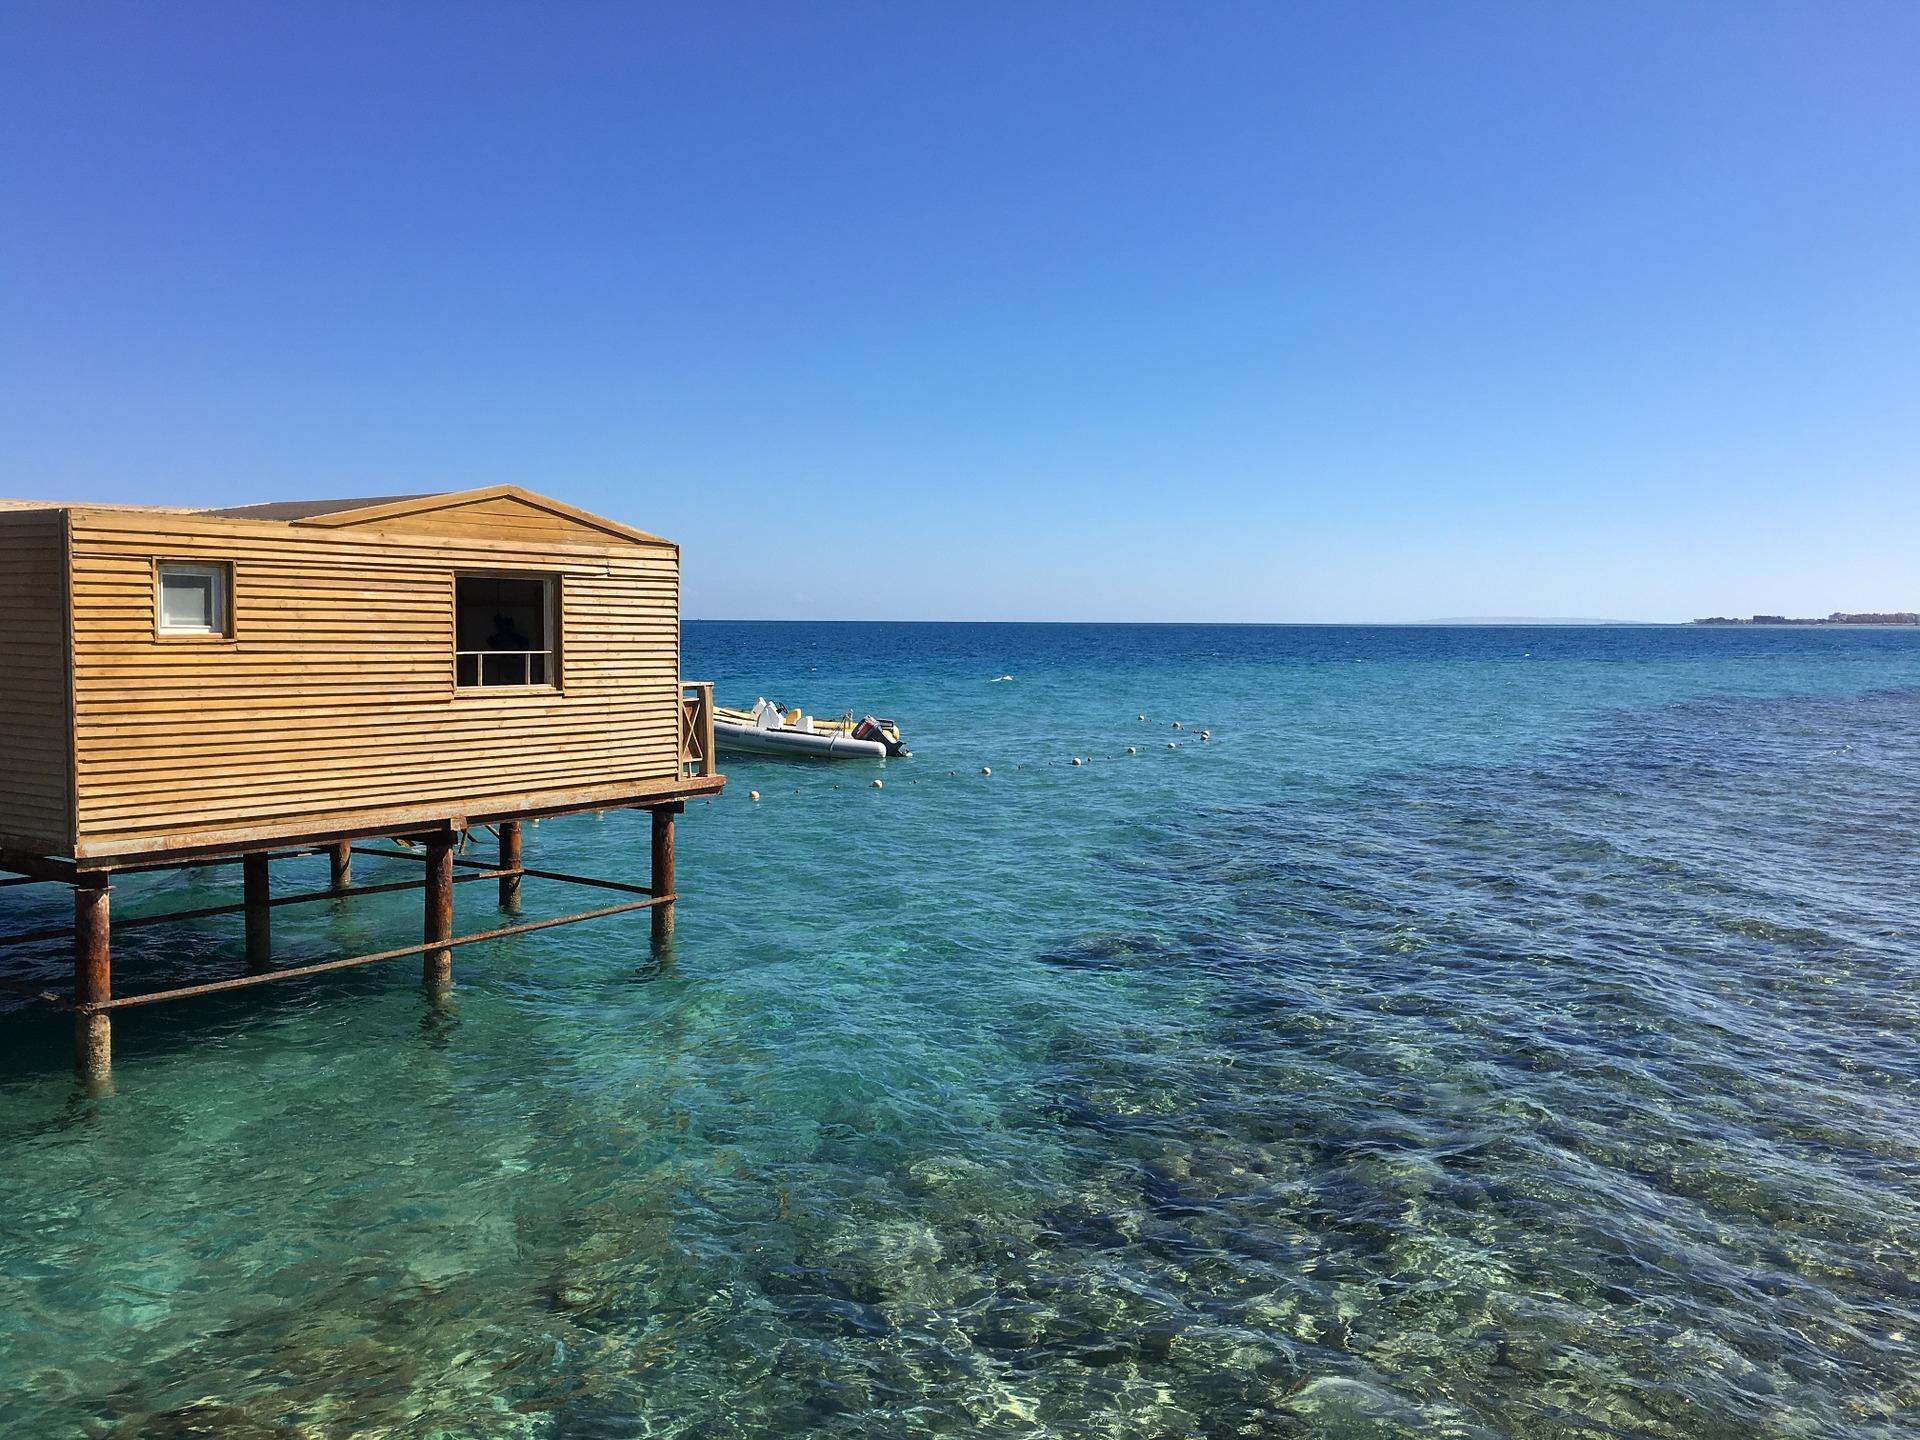 1 oder 2 Wochen Hurghada (Ägypten) - 5* Hotel + All Inclusive + Flüge